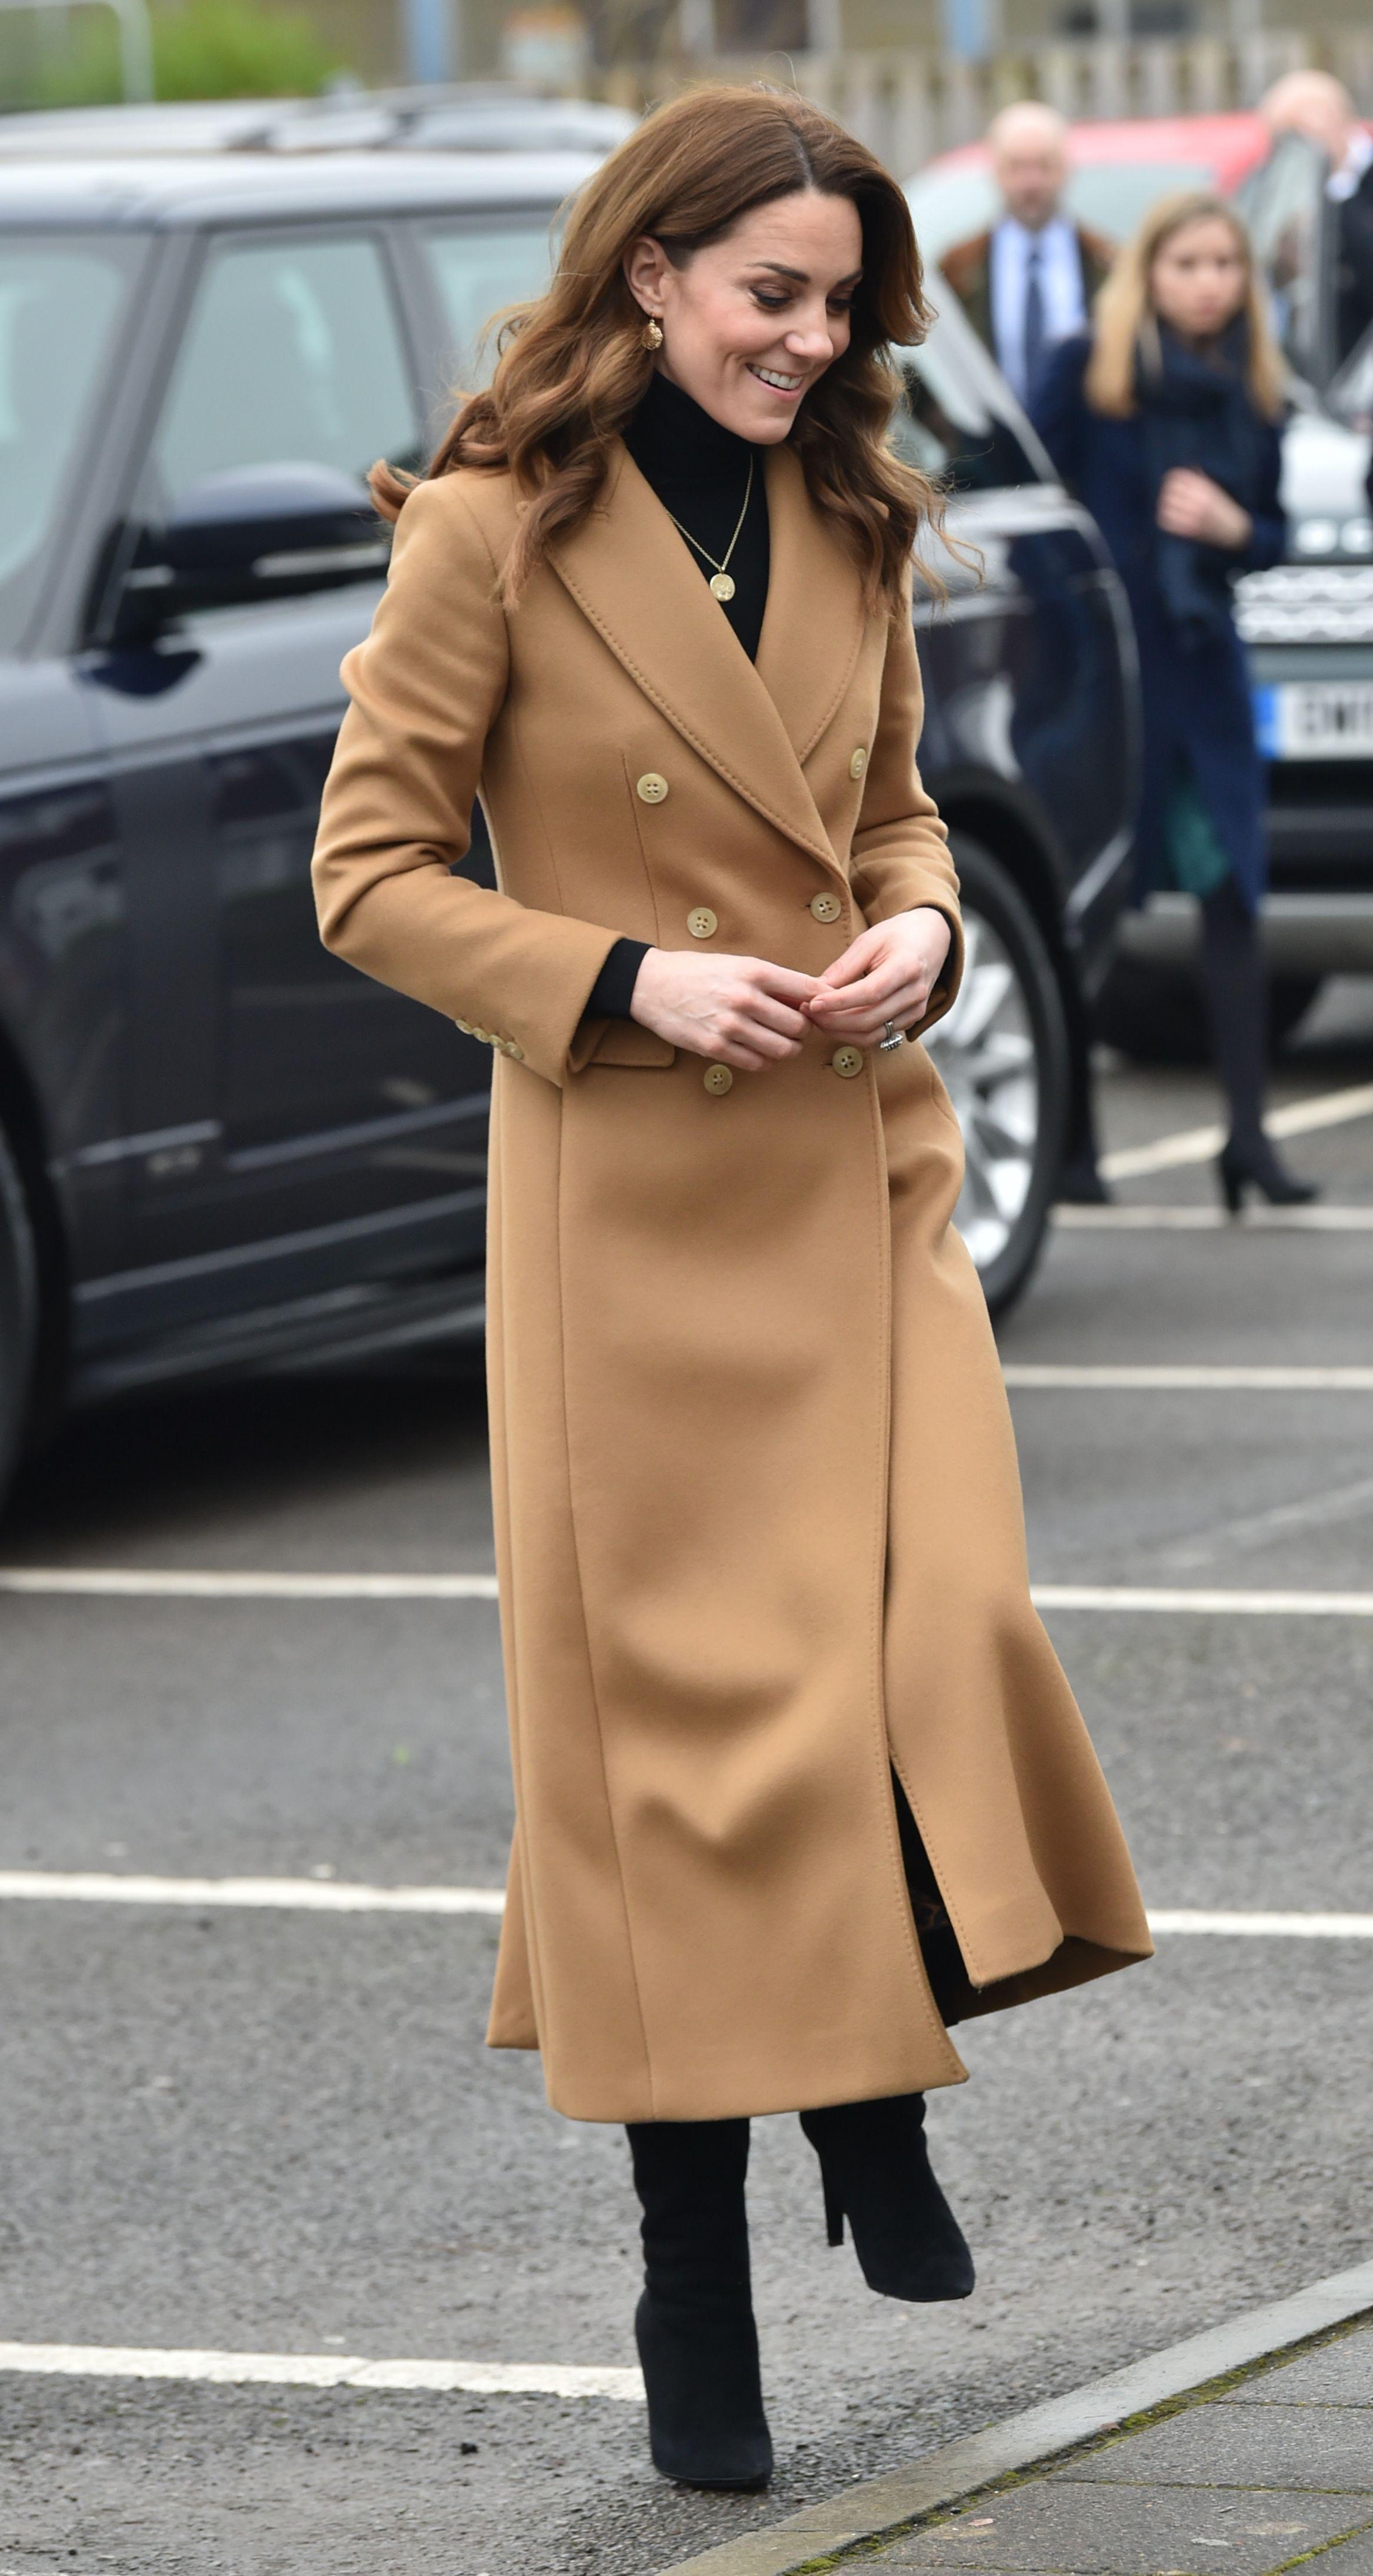 Kate Middleton prošetala u klasičnom kaputu s potpisom high street brenda kojeg vole i domaće fashionistice